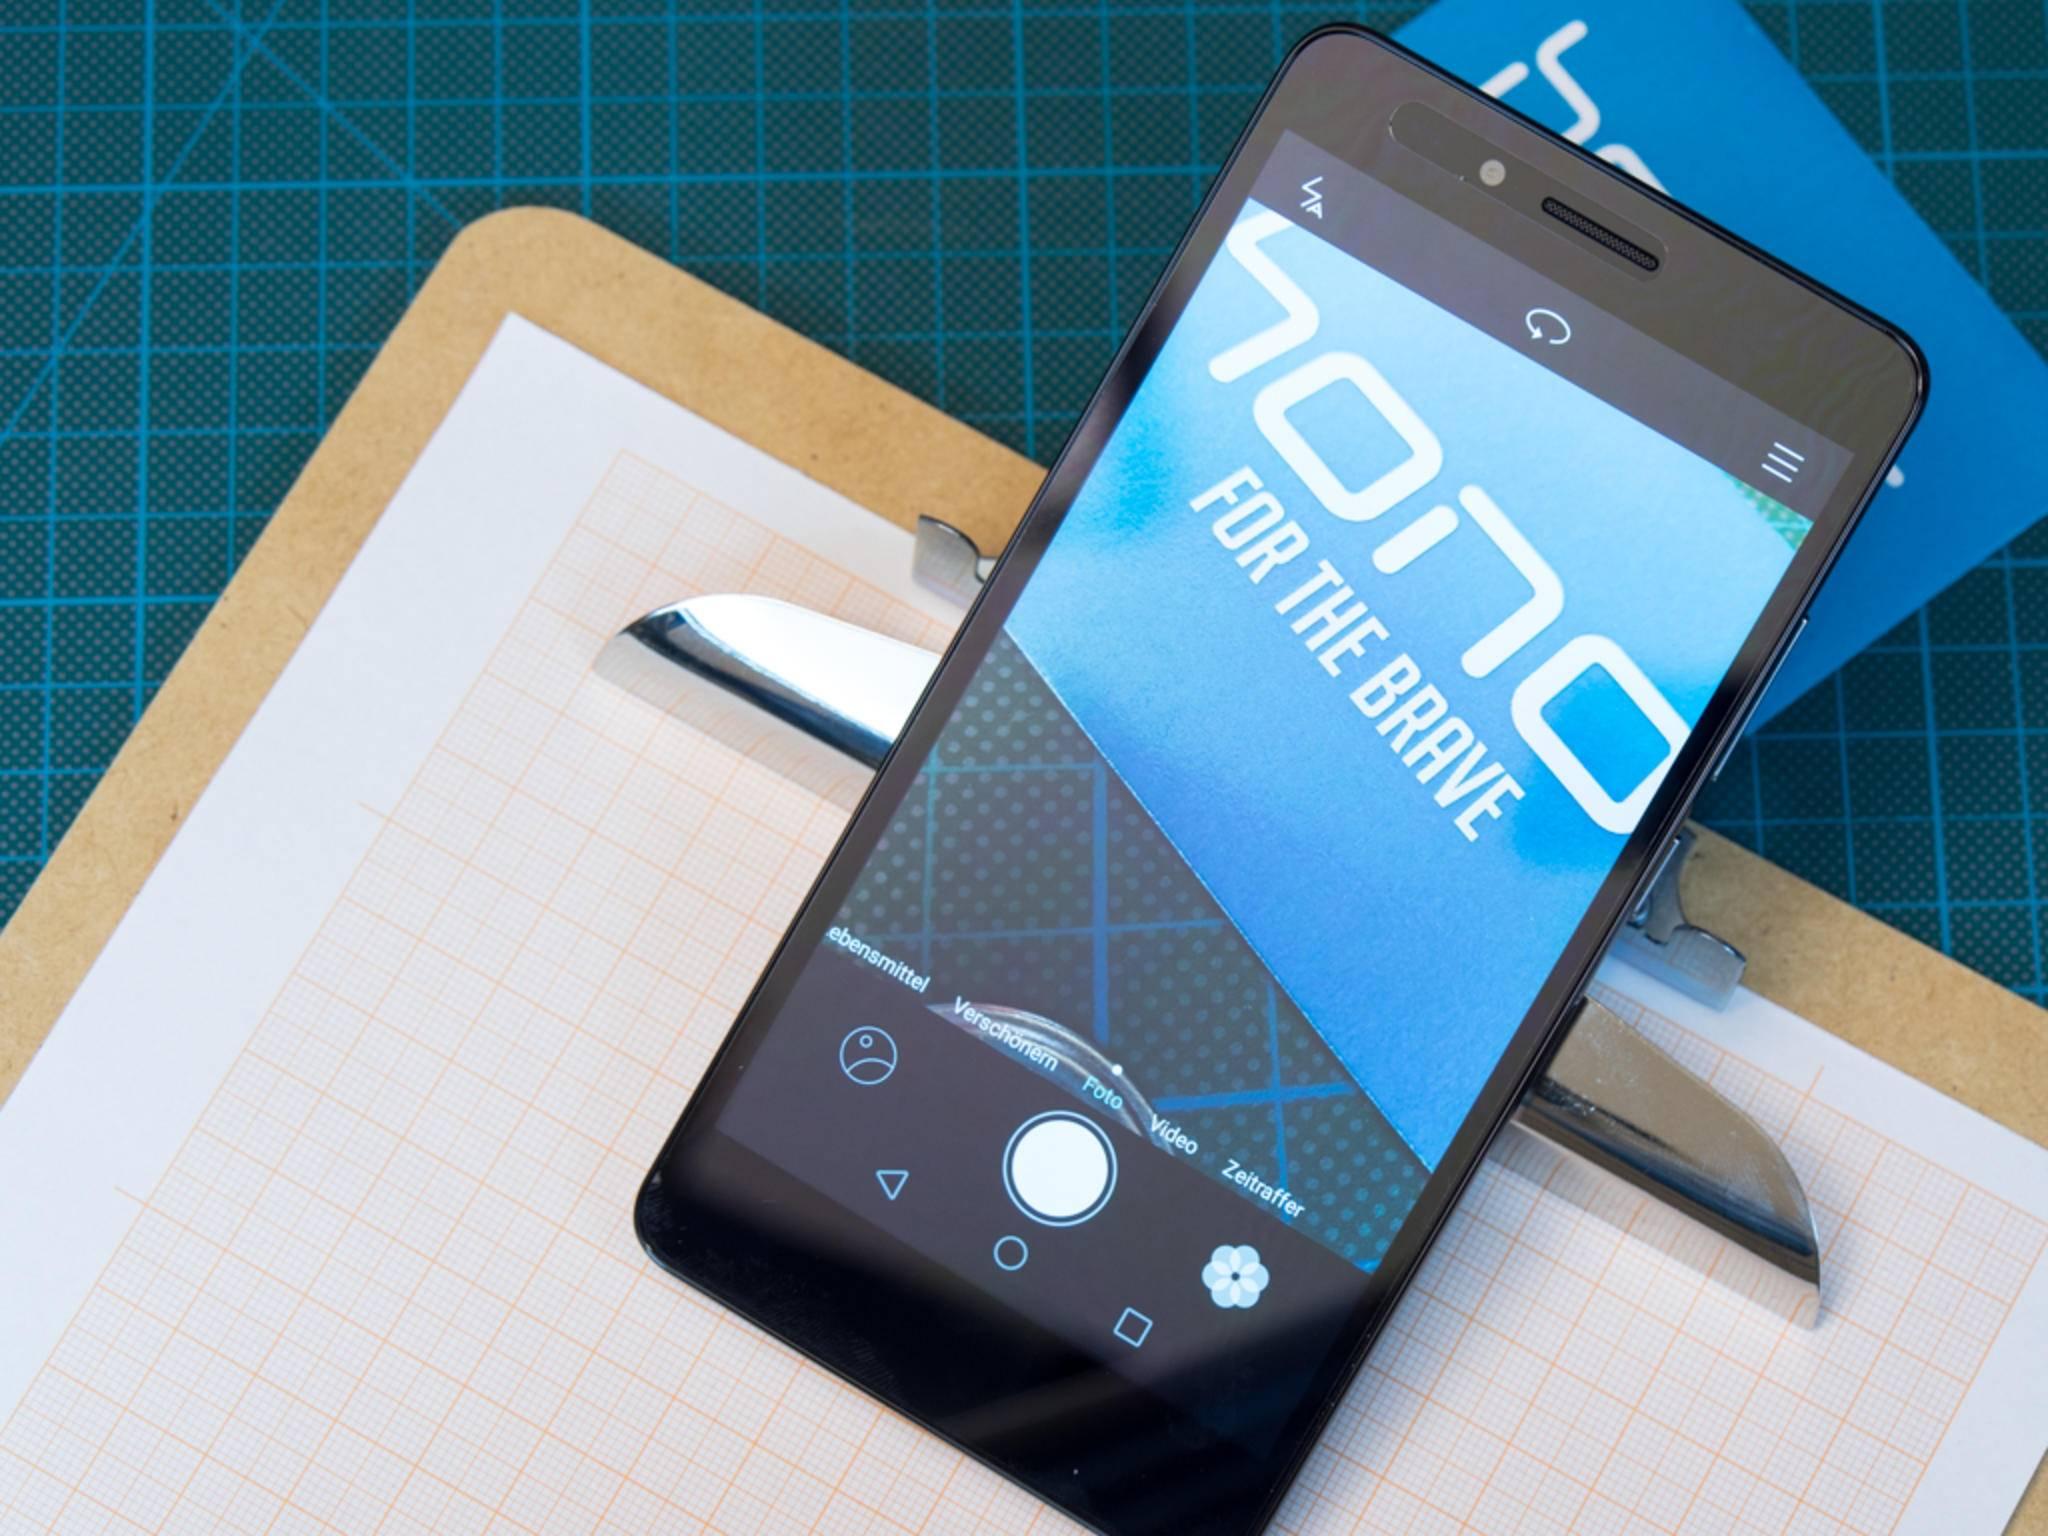 Honor-Smartphones sollen mindestens 24 Monate mit Updates versorgt werden.